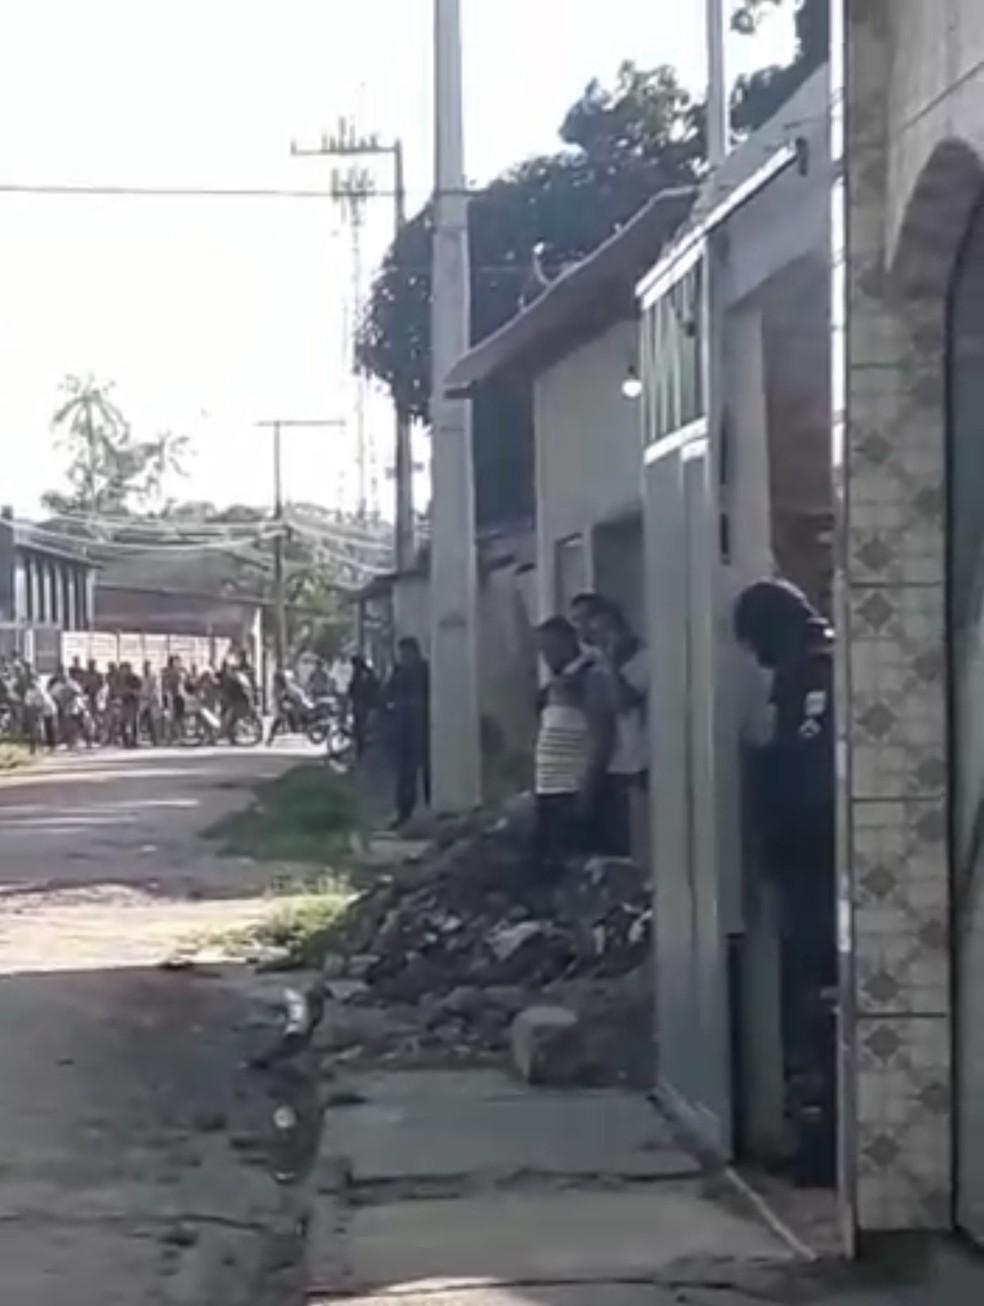 Assaltante faz refém no bairro de Águas Lindas, em Ananindeua — Foto: Reprodução/TV Liberal